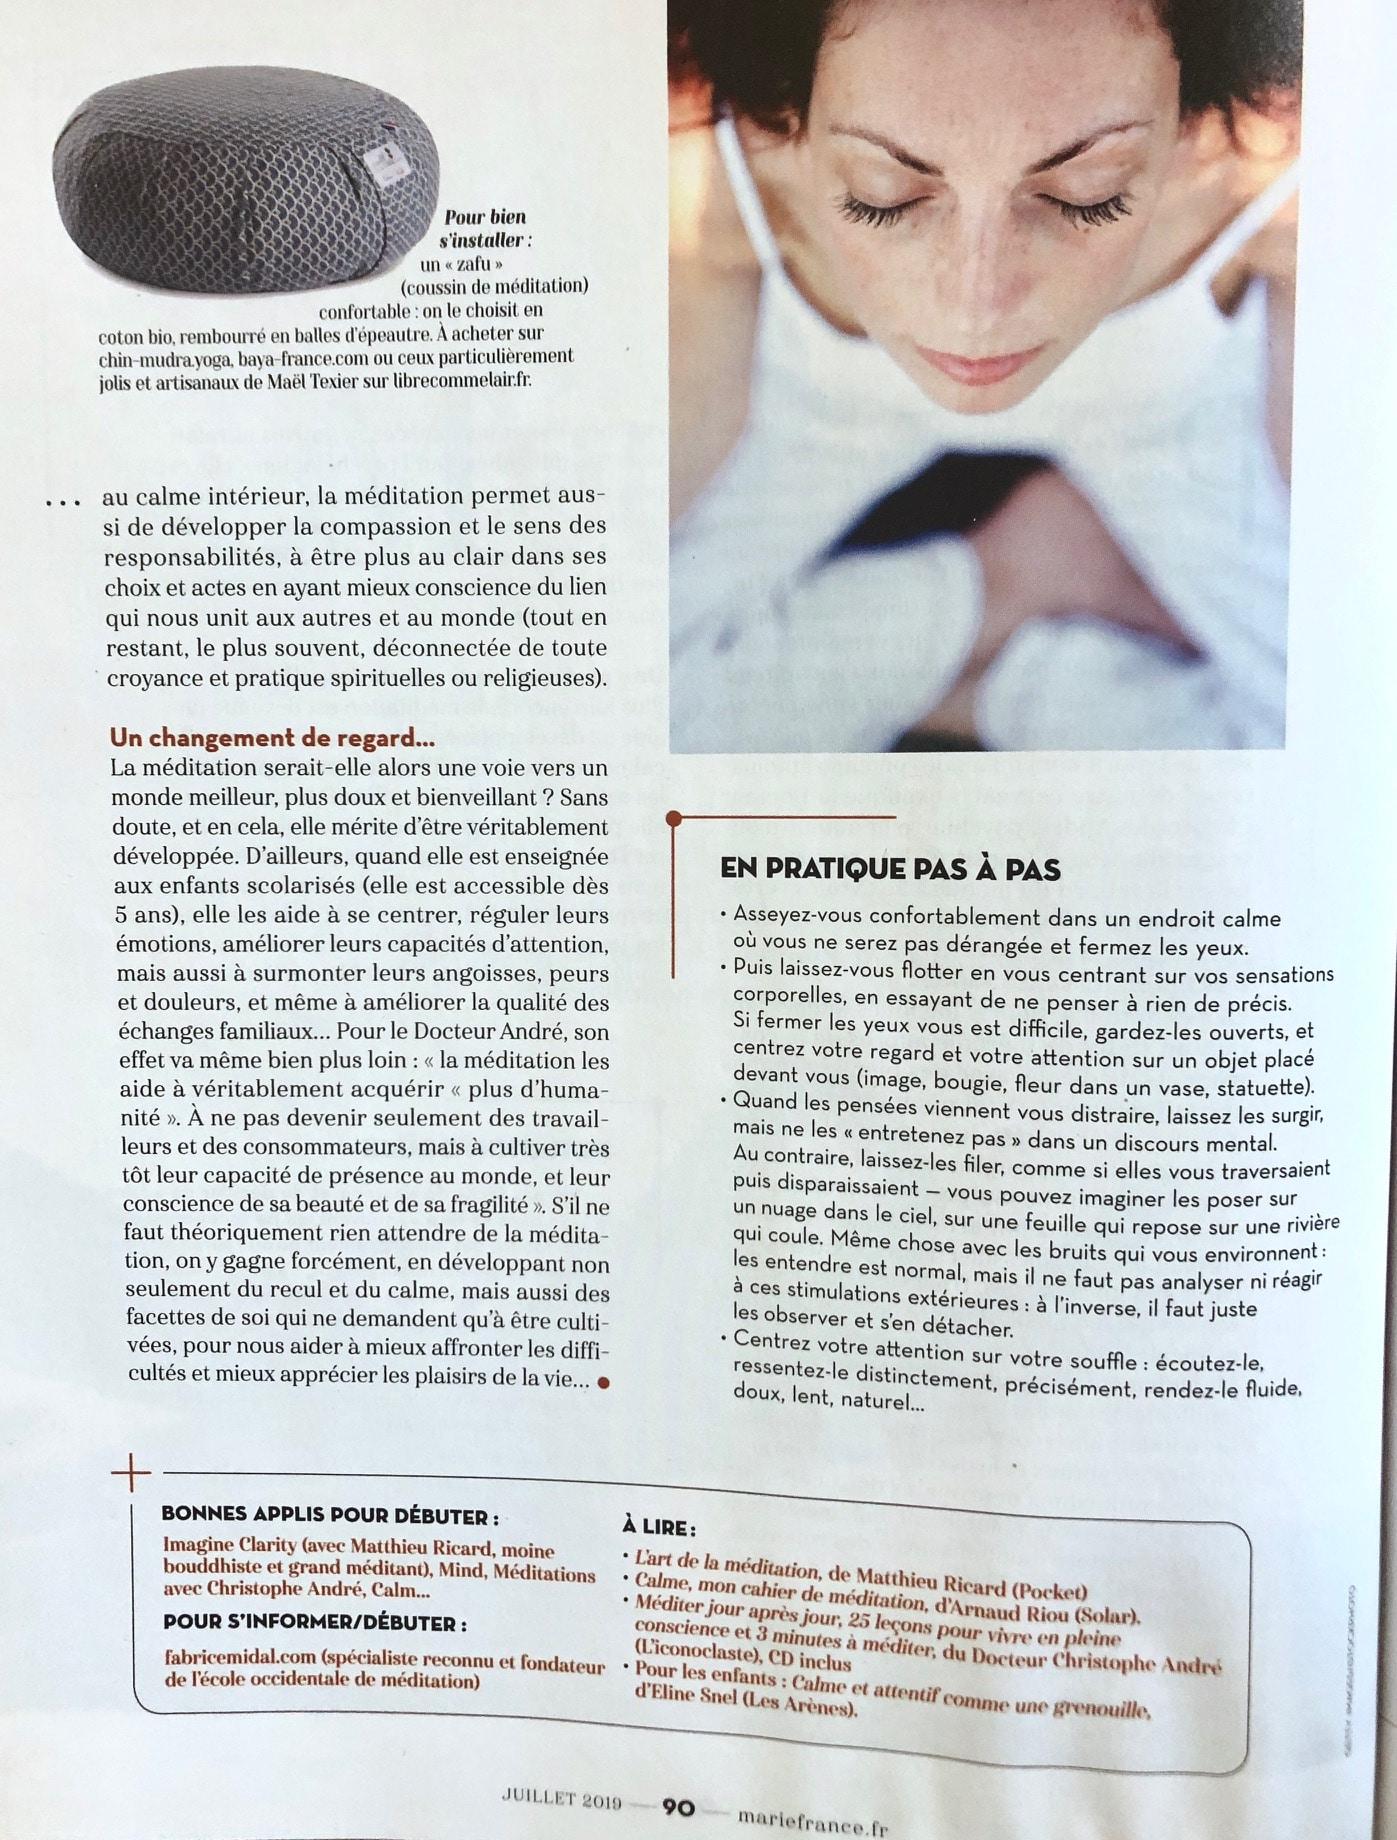 Magazine Marie France la clé d'un bon équilibre